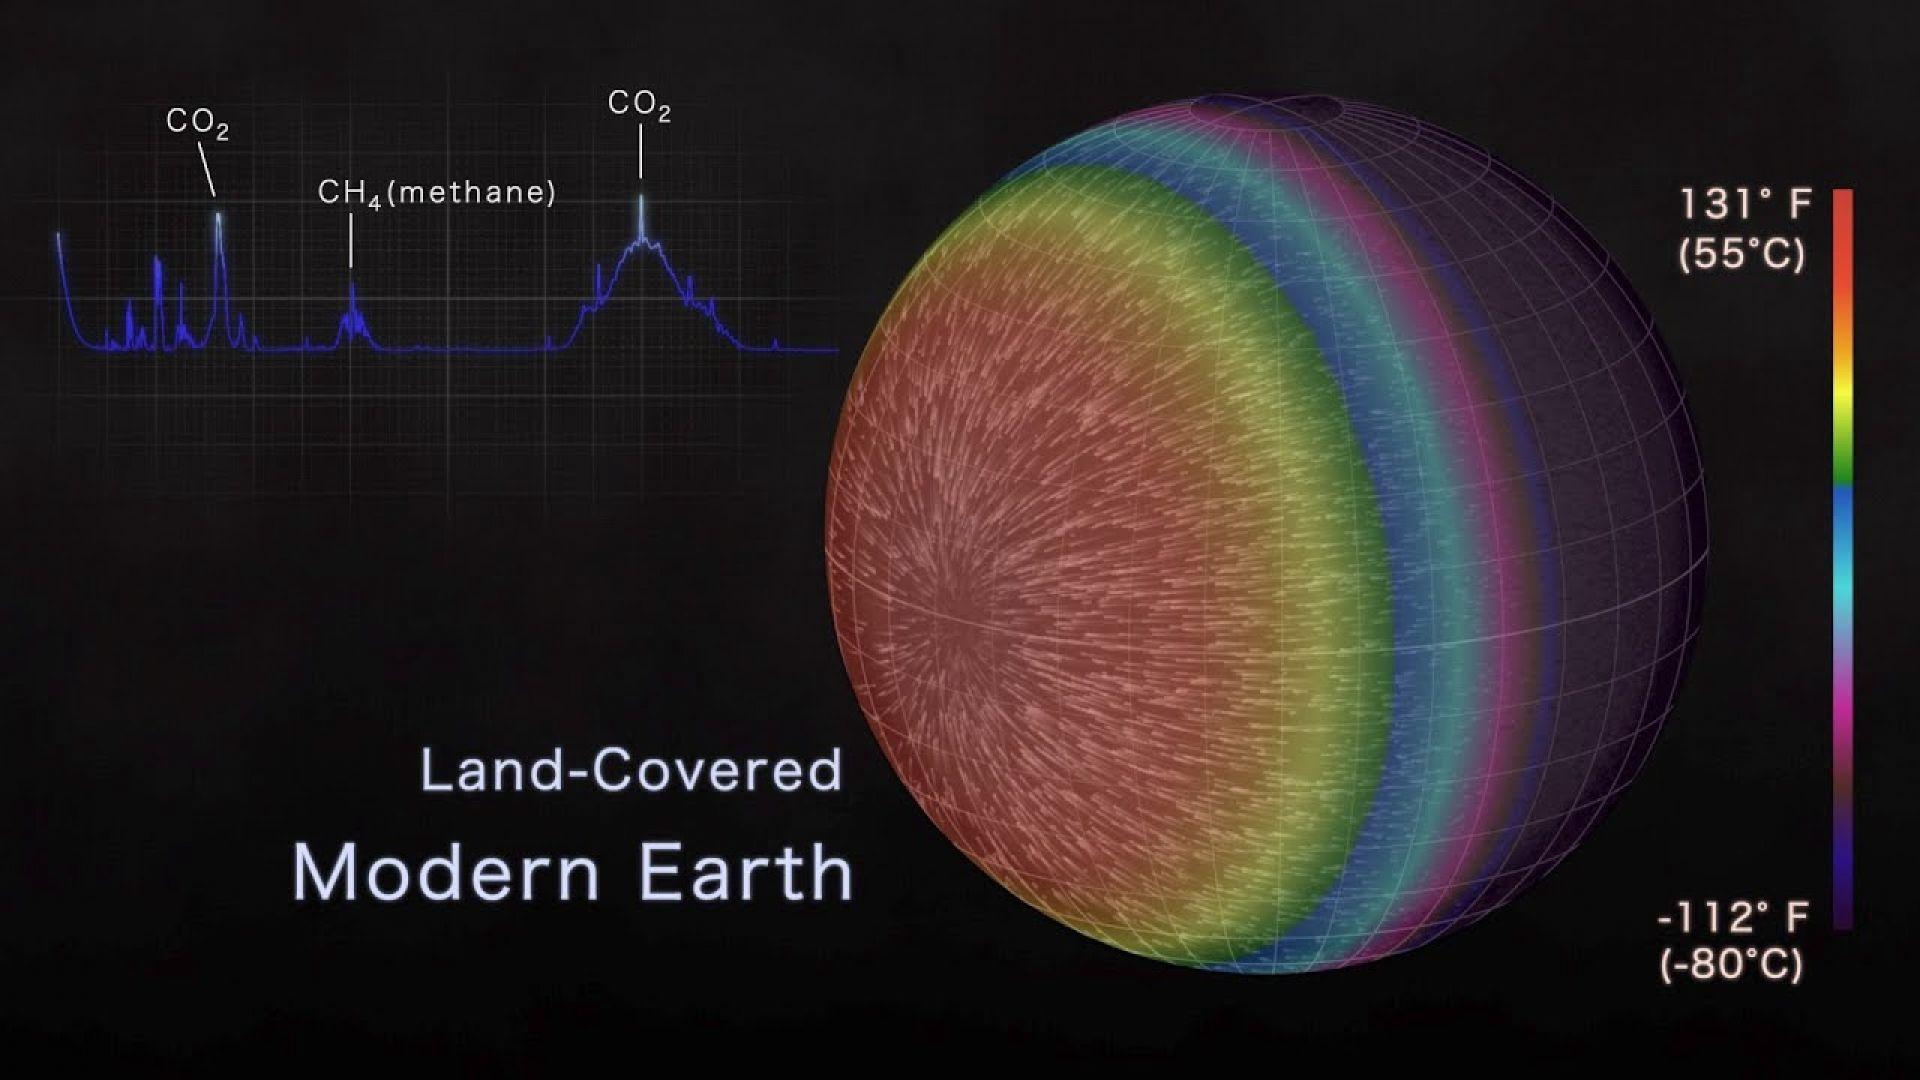 Климатичният модел на планетата TOI 700 d